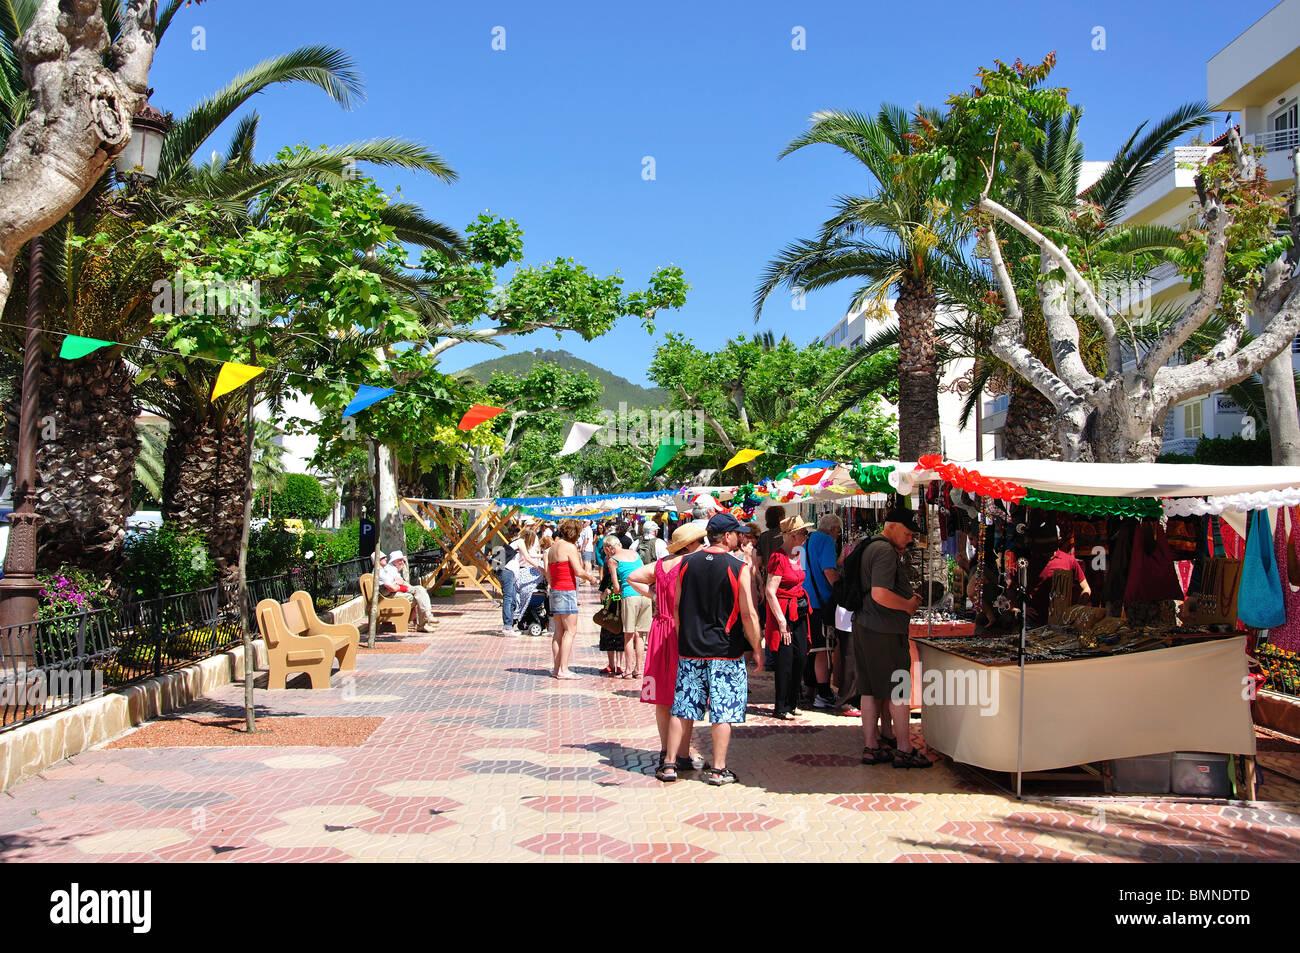 Street market stalls passeig de s 39 alamera santa eularia des riu stock photo royalty free - Santa eularia des riu ...